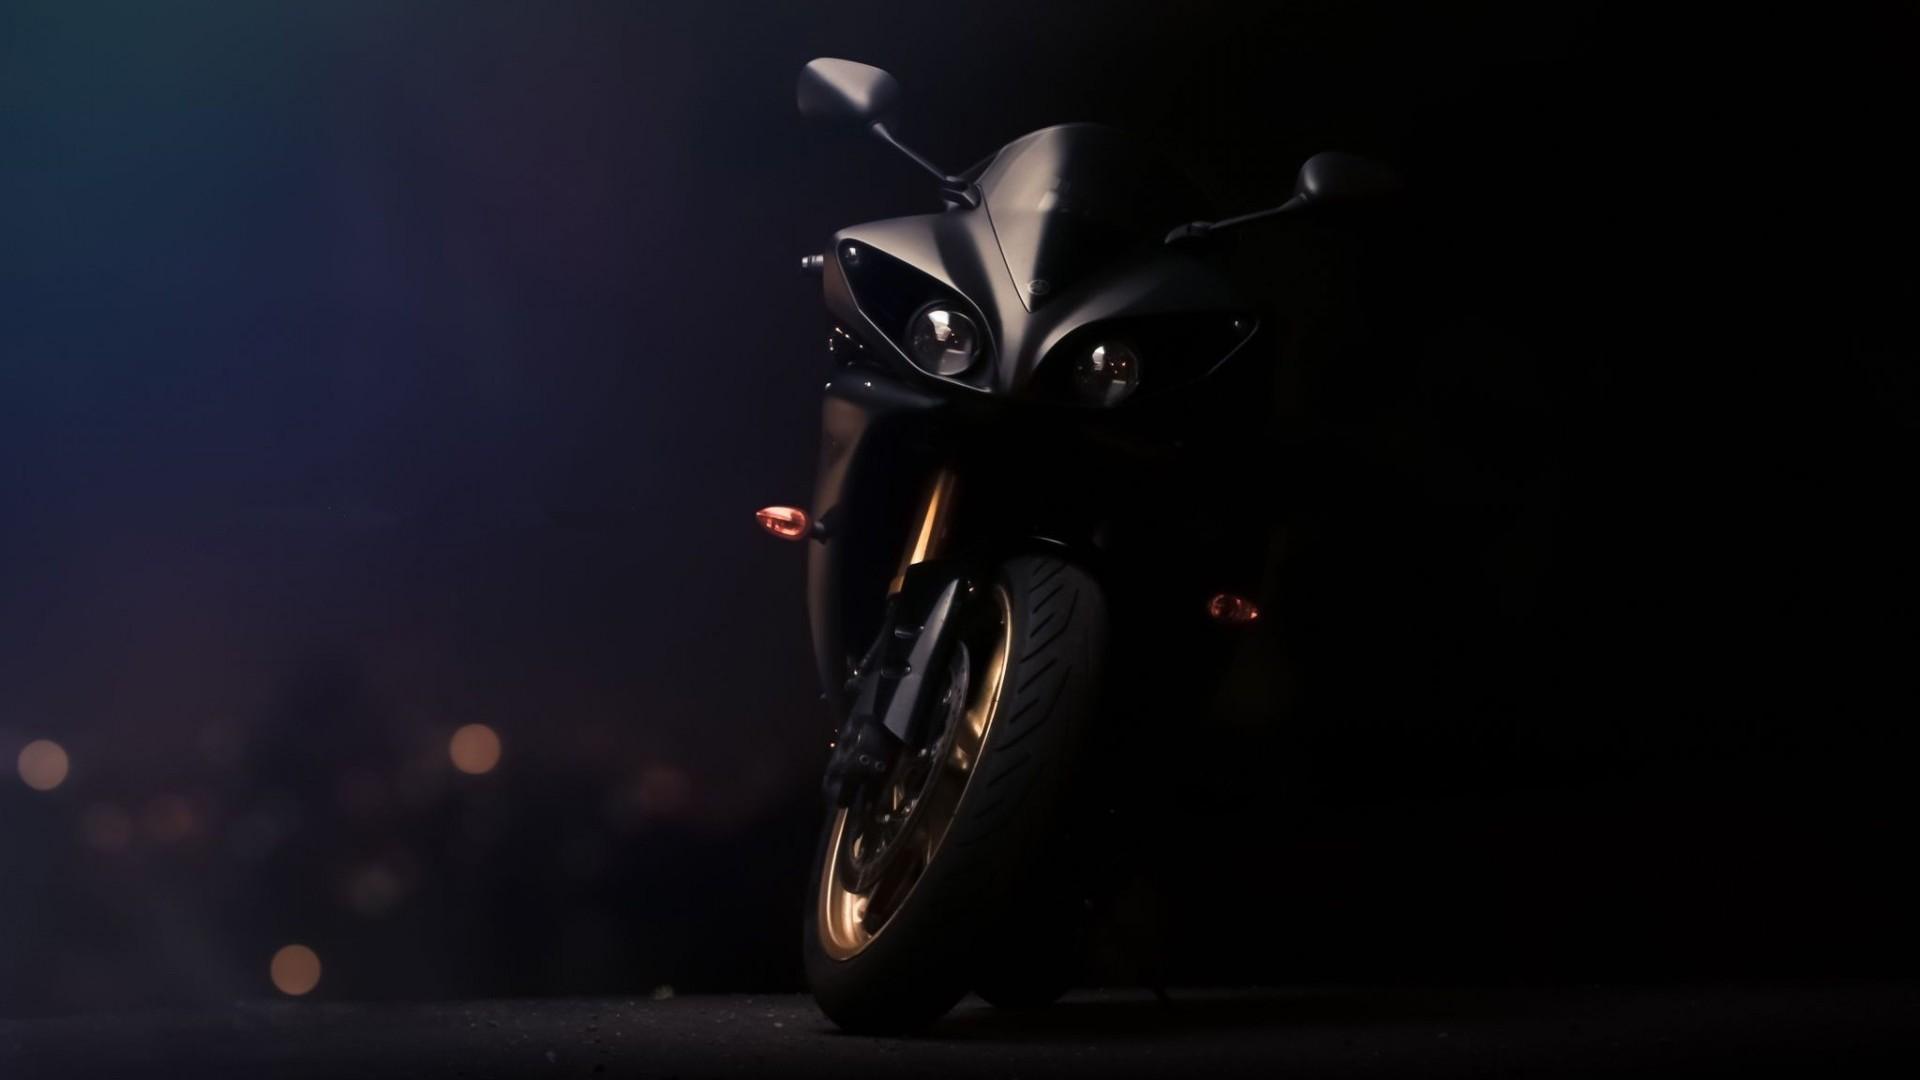 Hình nền xe moto full hd đẹp